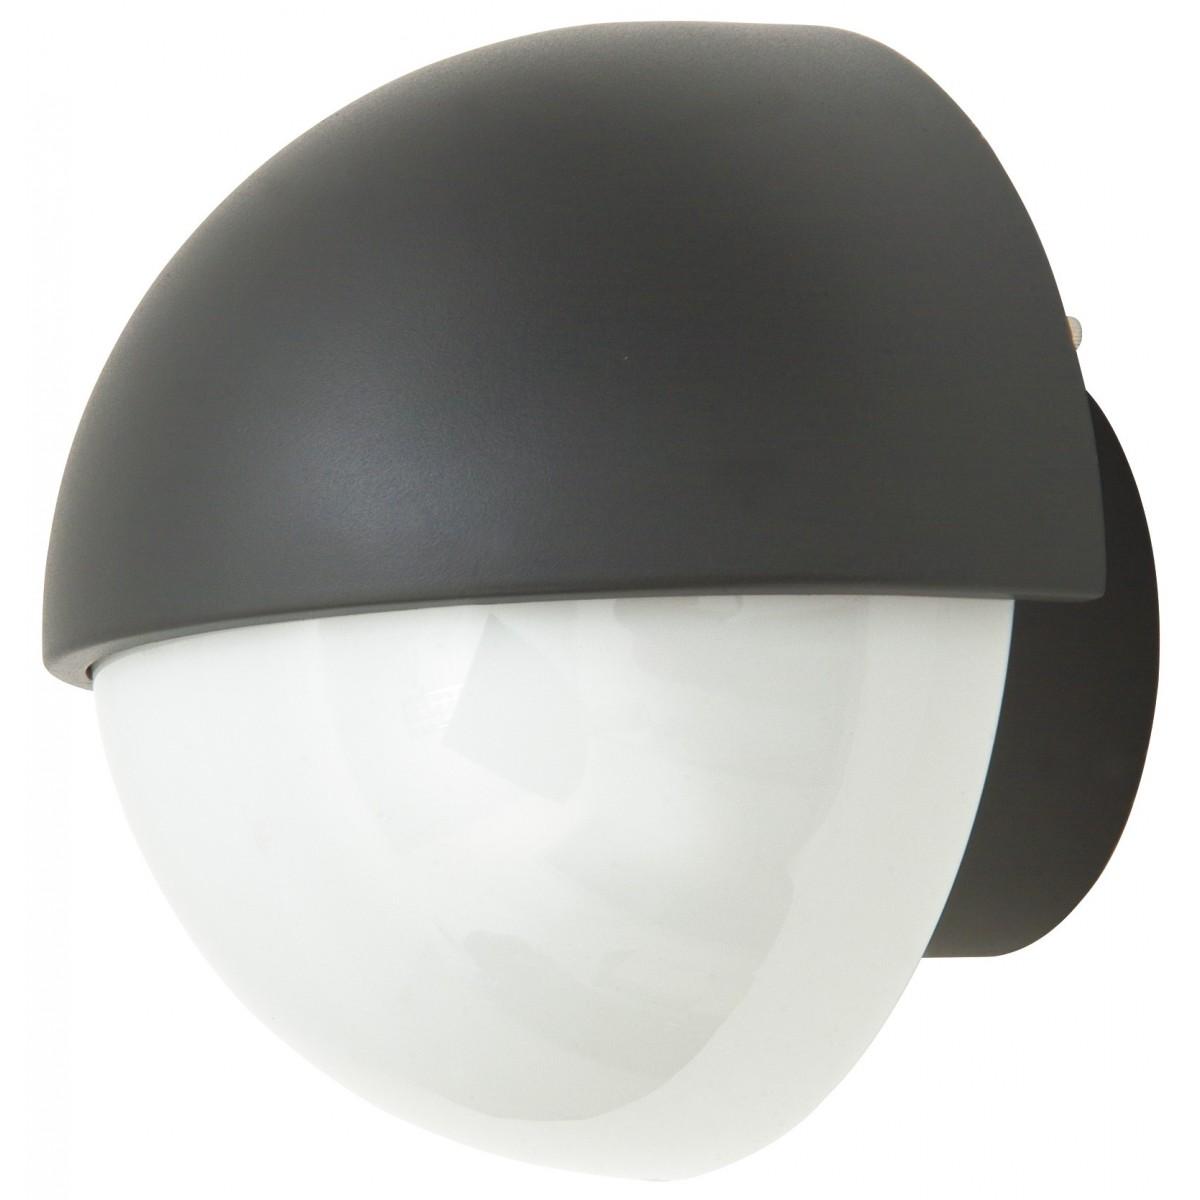 I-1842 / ANTHRACITE - Applicateur à paupières rondes en aluminium noir Diffuseur en polycarbonate opale extérieur E27